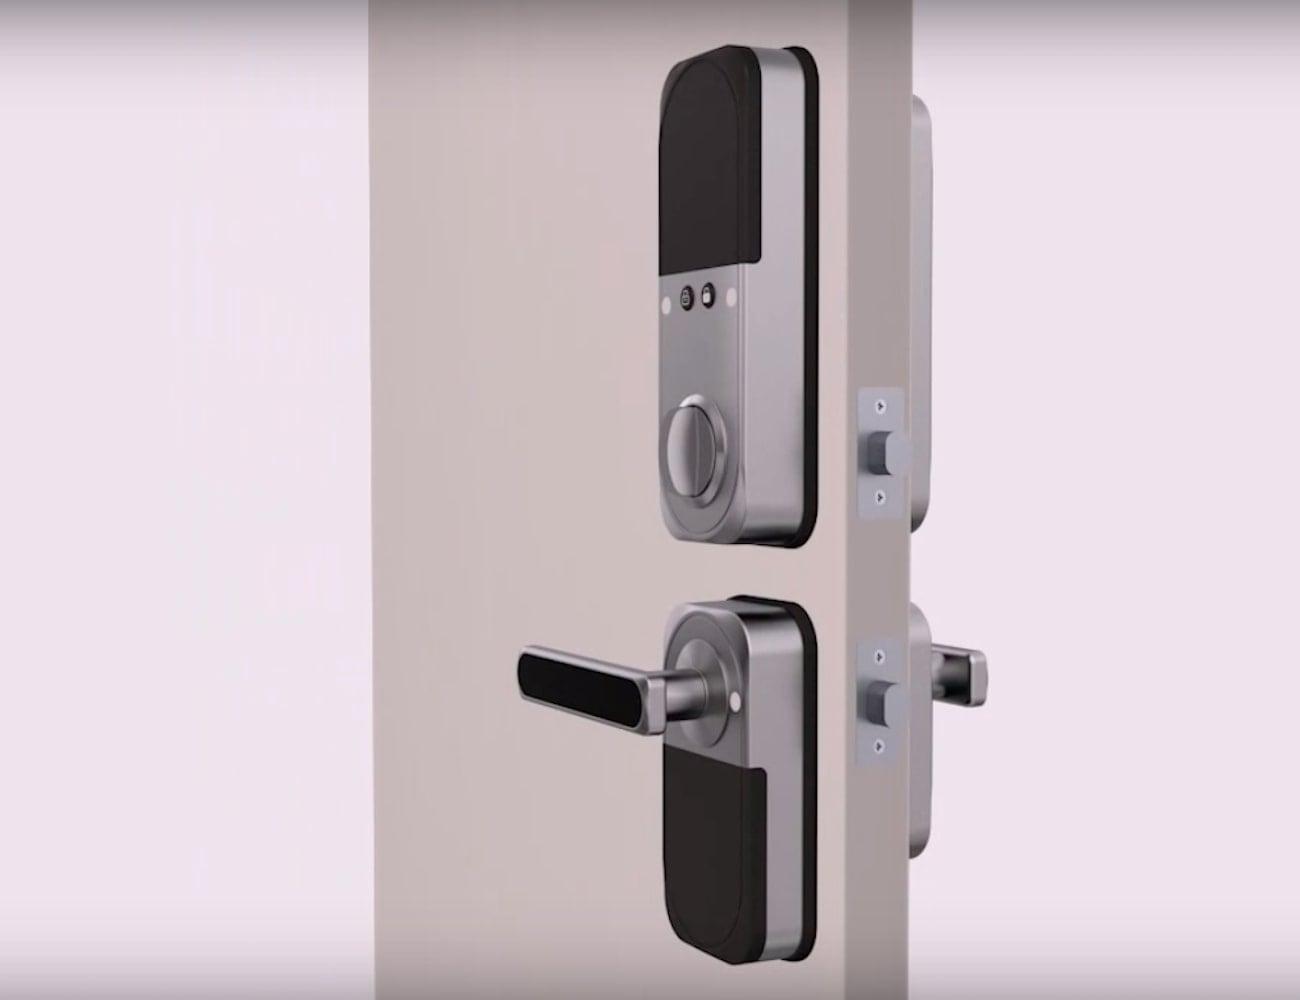 Us E Smart Camera Door Lock 187 Gadget Flow